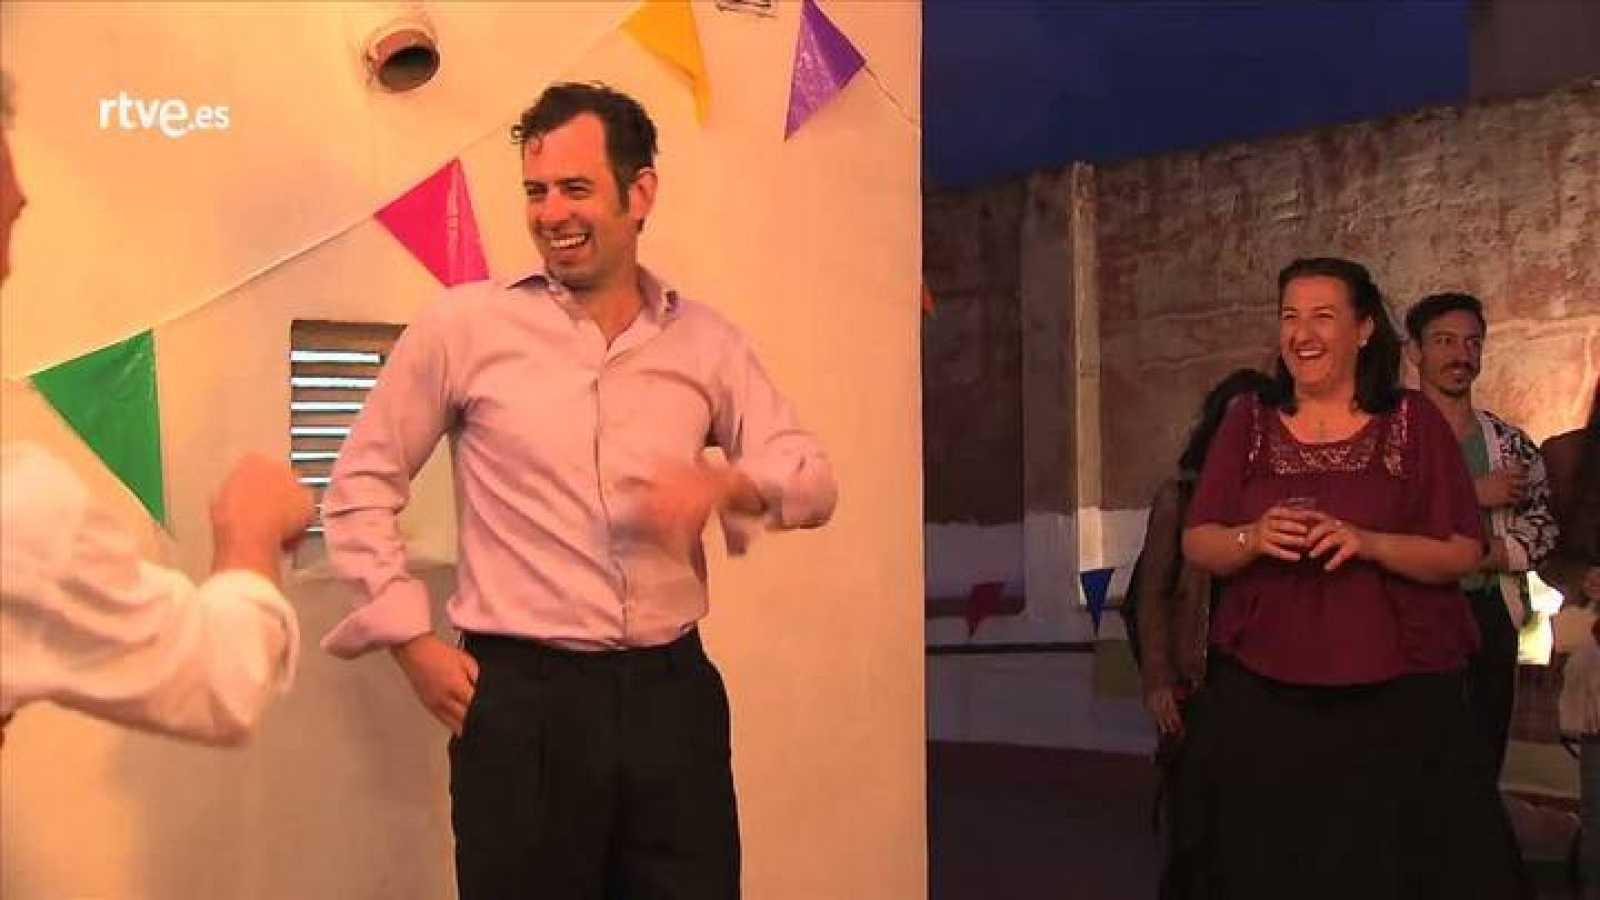 Escenas de la obra 'Que vaya bonito', del colectivo Teatro de Cerca